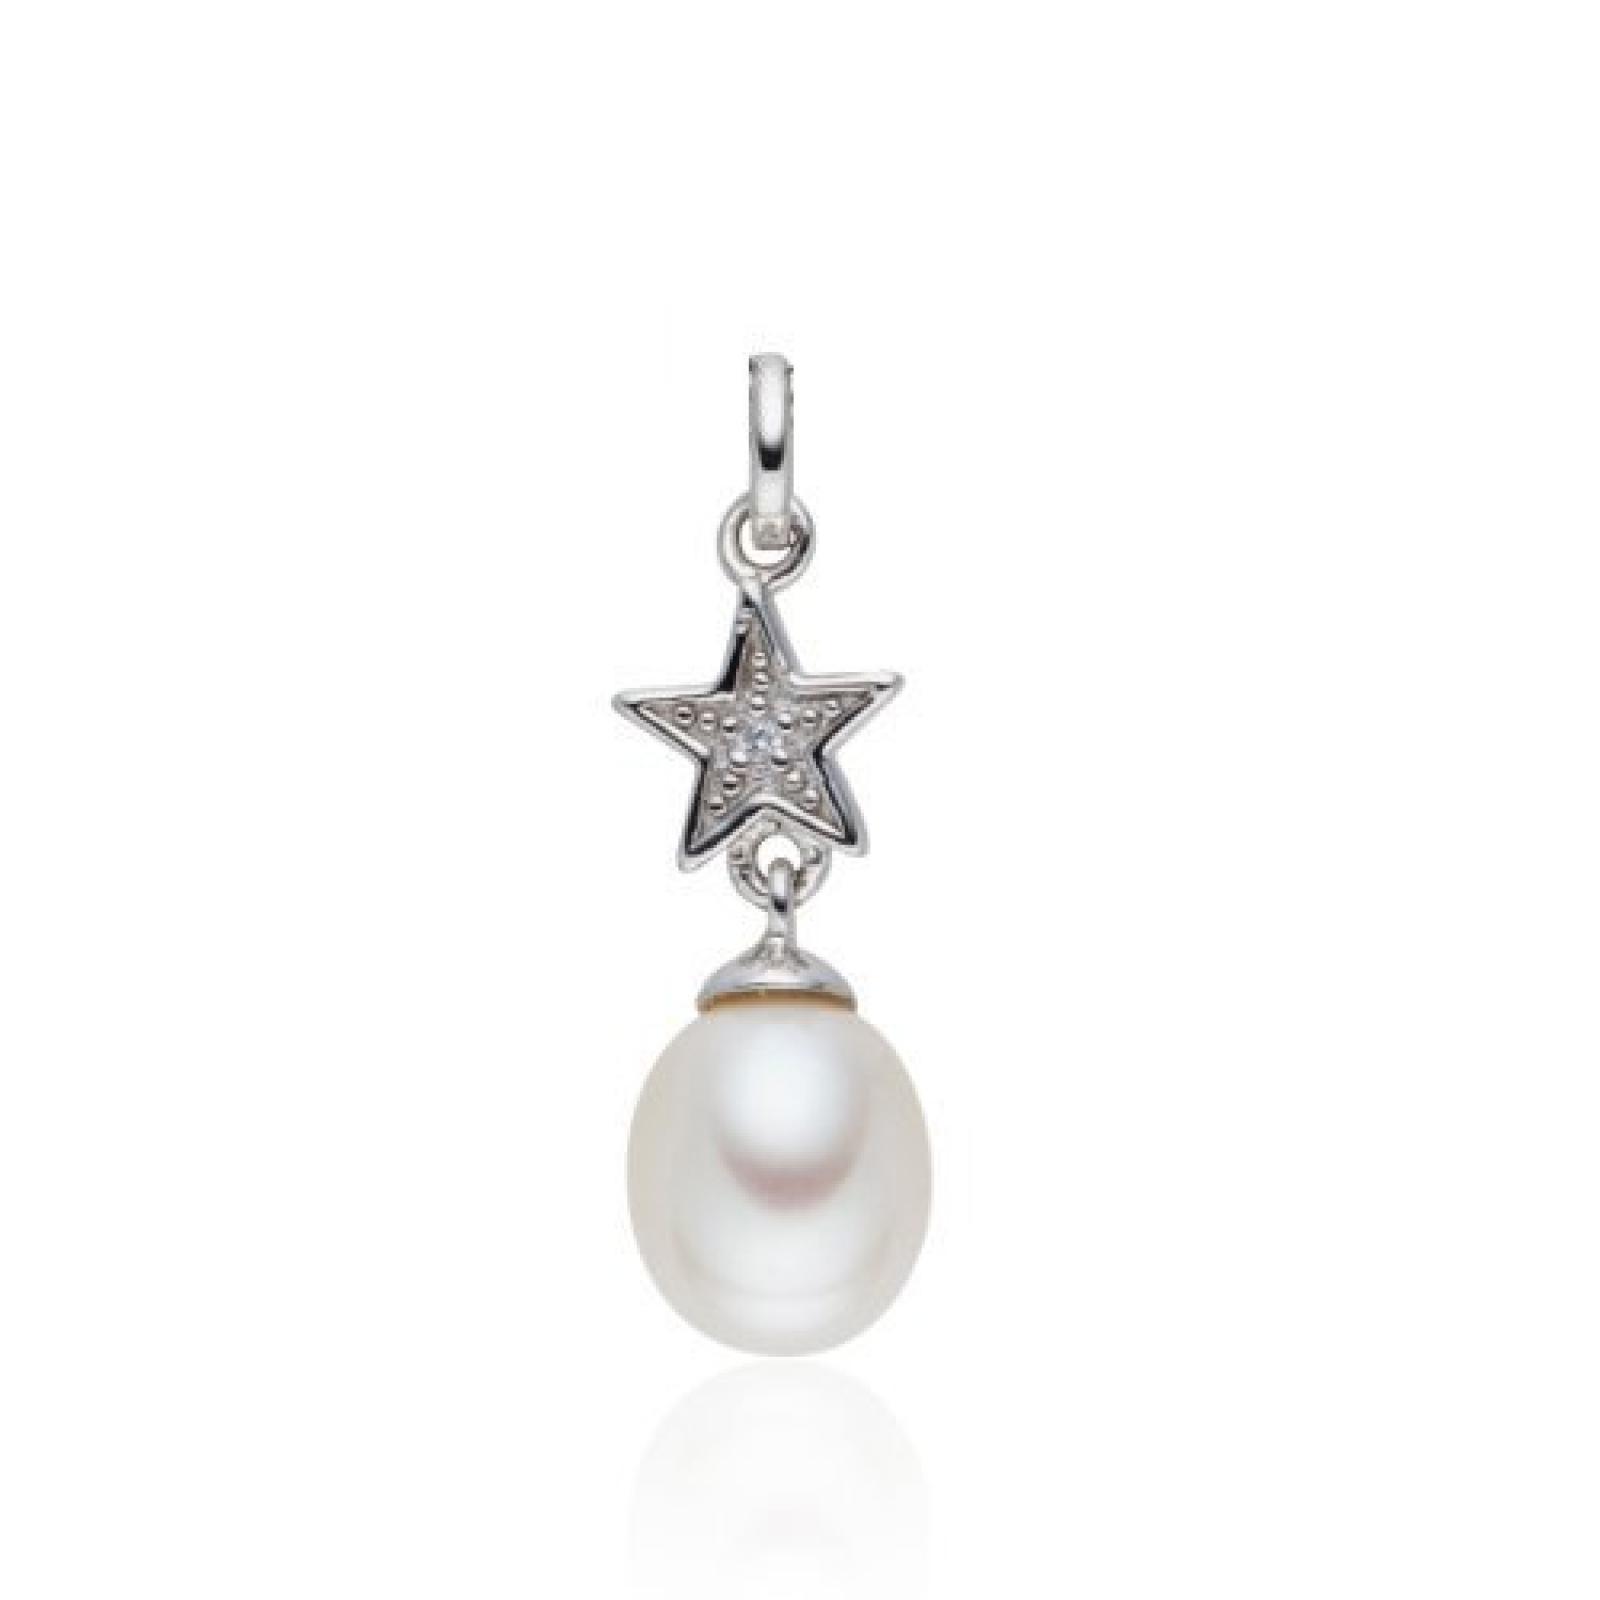 Valero Pearls Diamond Collection Damen-Anhänger (ohne Kette) Hochwertige Süßwasser-Zuchtperlen in ca.  8-9 mmOval weiß 925 Sterling Silber   Diamant    60840036